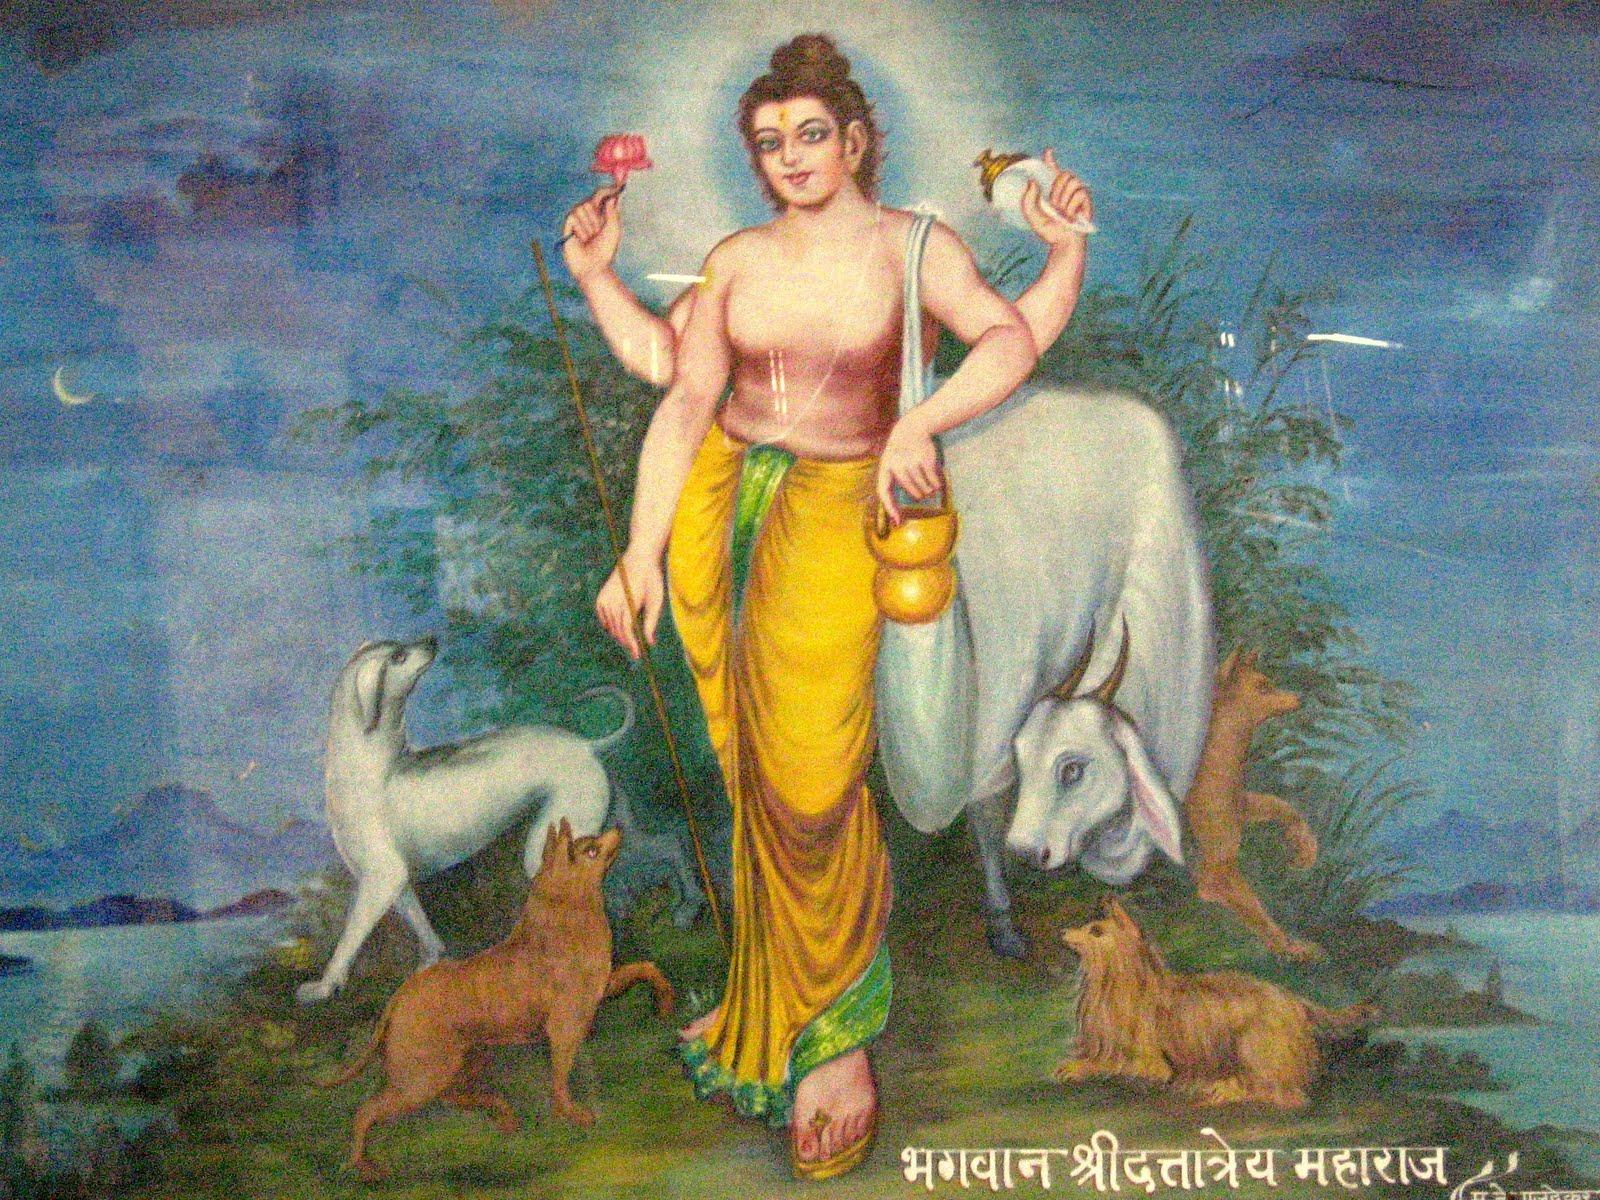 అహంభావ రహితం…దత్తాత్రేయ సందేశం